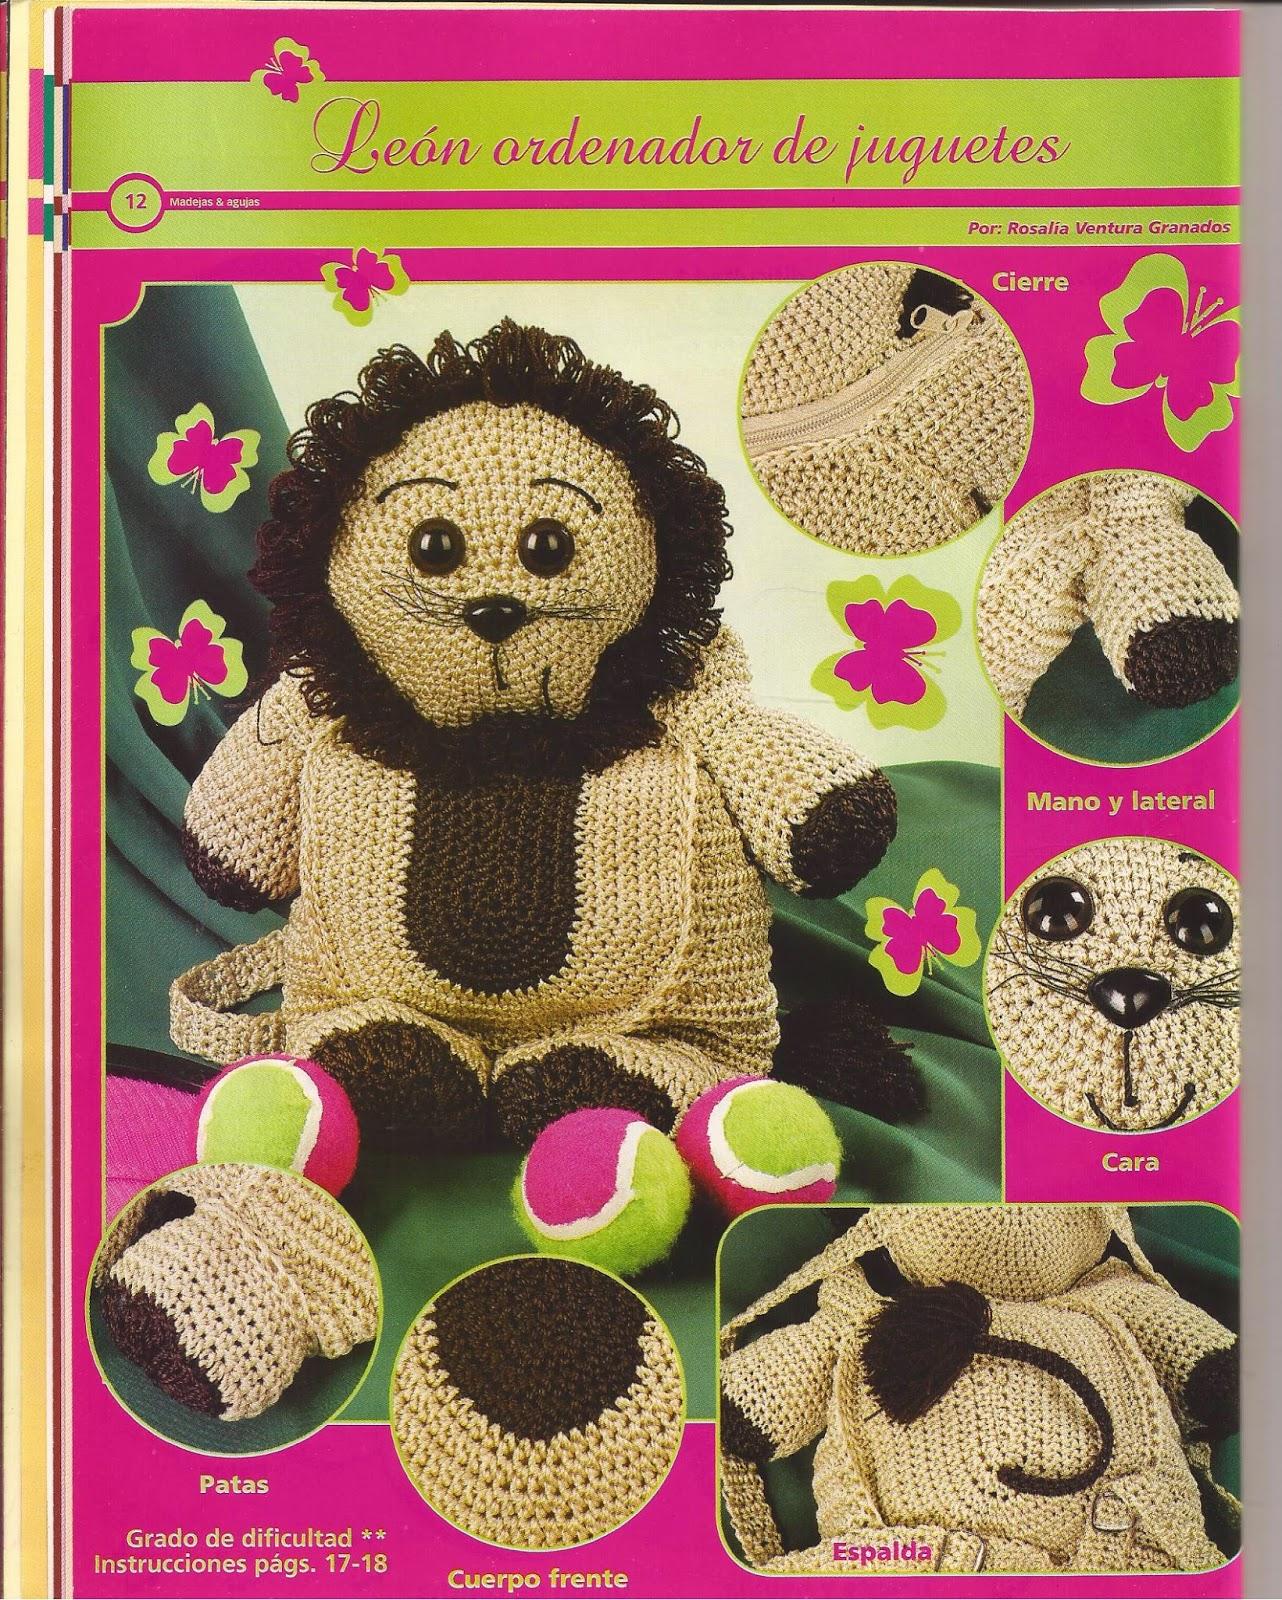 como hacer juguetes en crochet - Revistas de crochet y tejidos gratis